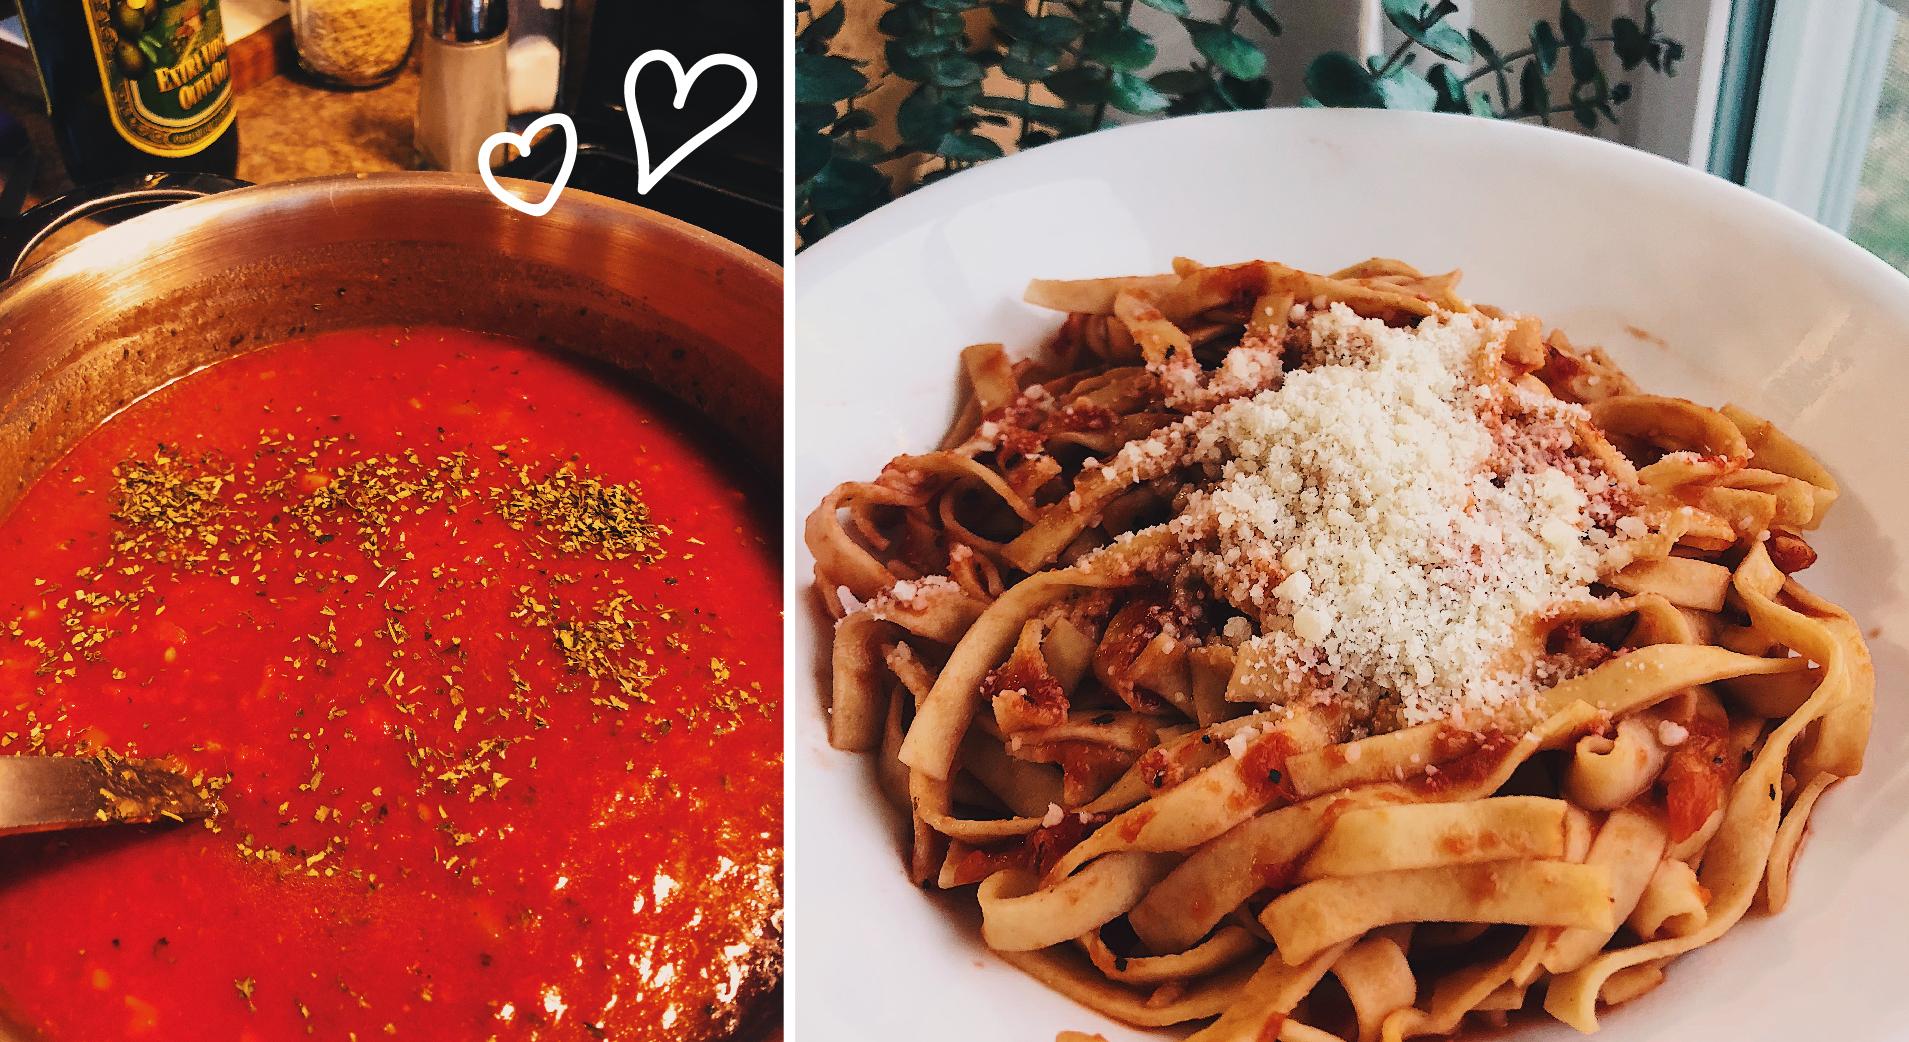 Mama's ZERO SmartPoint Homemade Tomato Basil Sauce